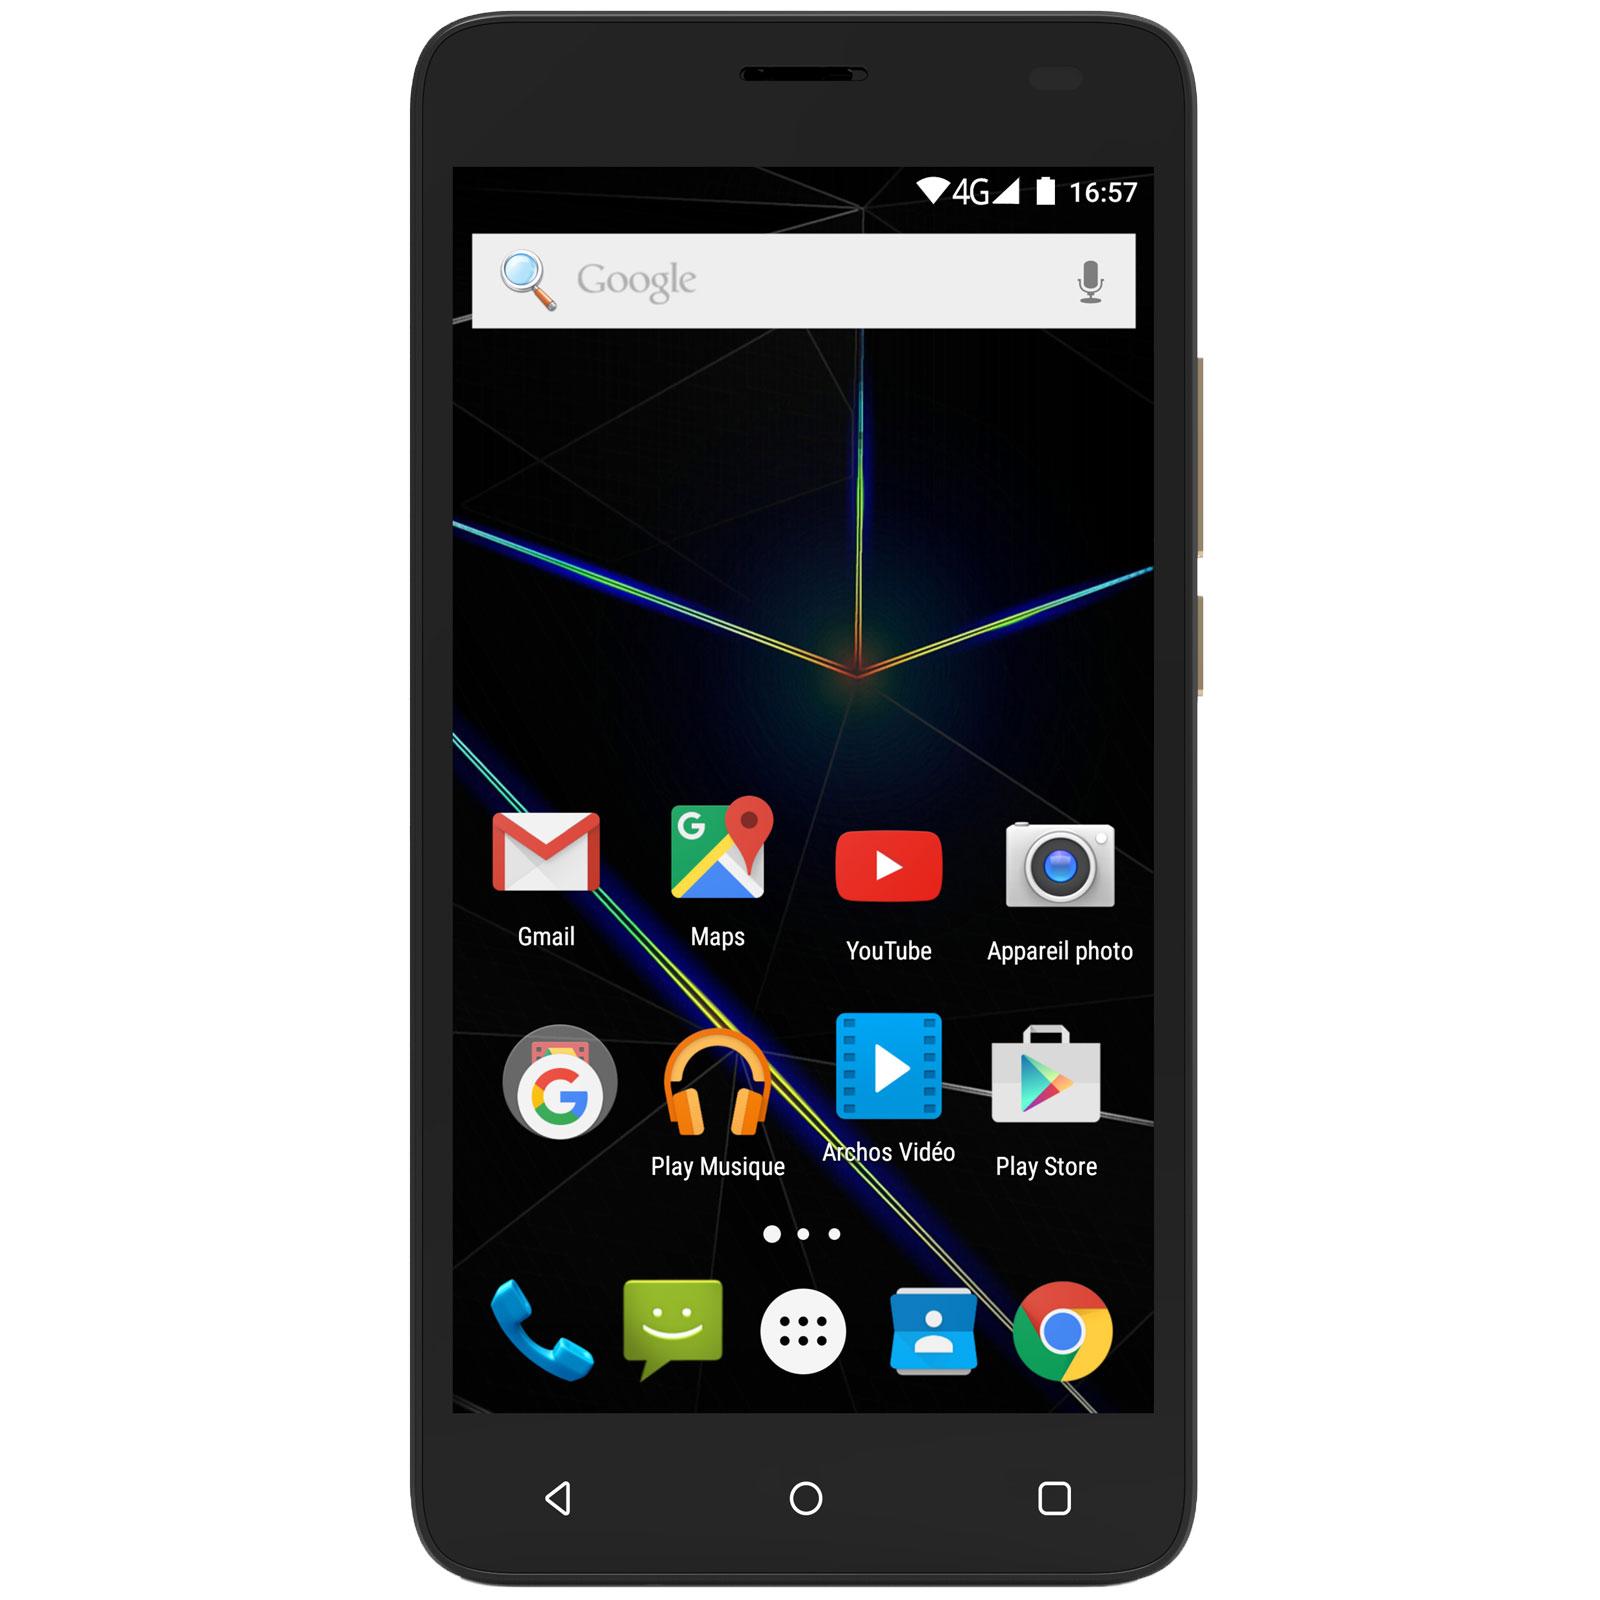 """Mobile & smartphone Archos 50d Oxygen Noir Smartphone 4G-LTE Dual SIM - Mediatek MTK6753 8-Core 1.3 GHz - RAM 2 Go - Ecran tactile 5"""" 1080 x 1920 - 16 Go - Bluetooth 4.0 - 2100 mAh - Android 5.1"""